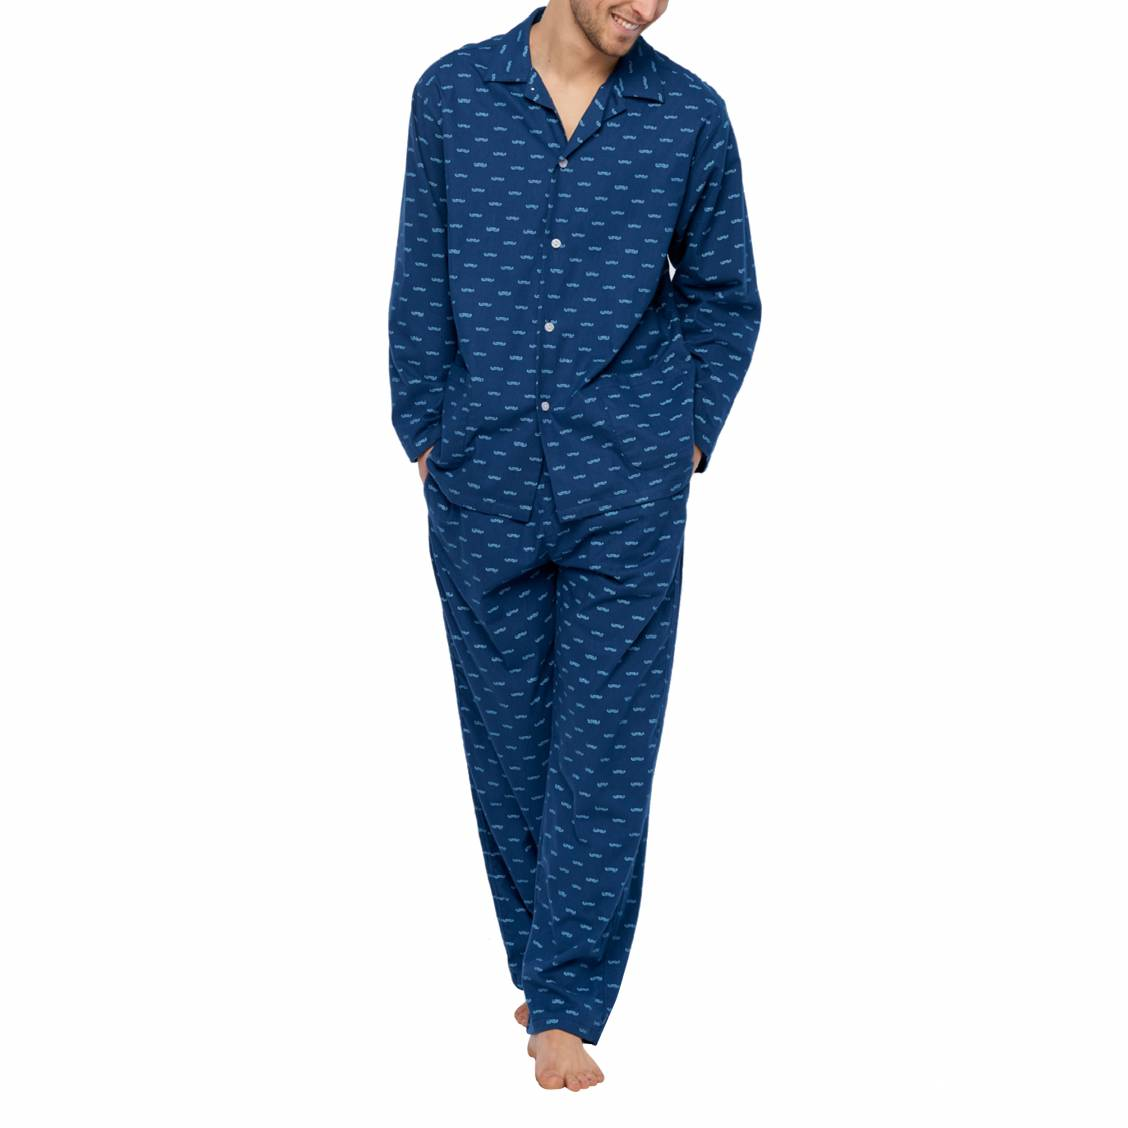 Pyjama long Arthur Dandy en coton : veste boutonnée et pantalon bleu marine à imprimé moustache